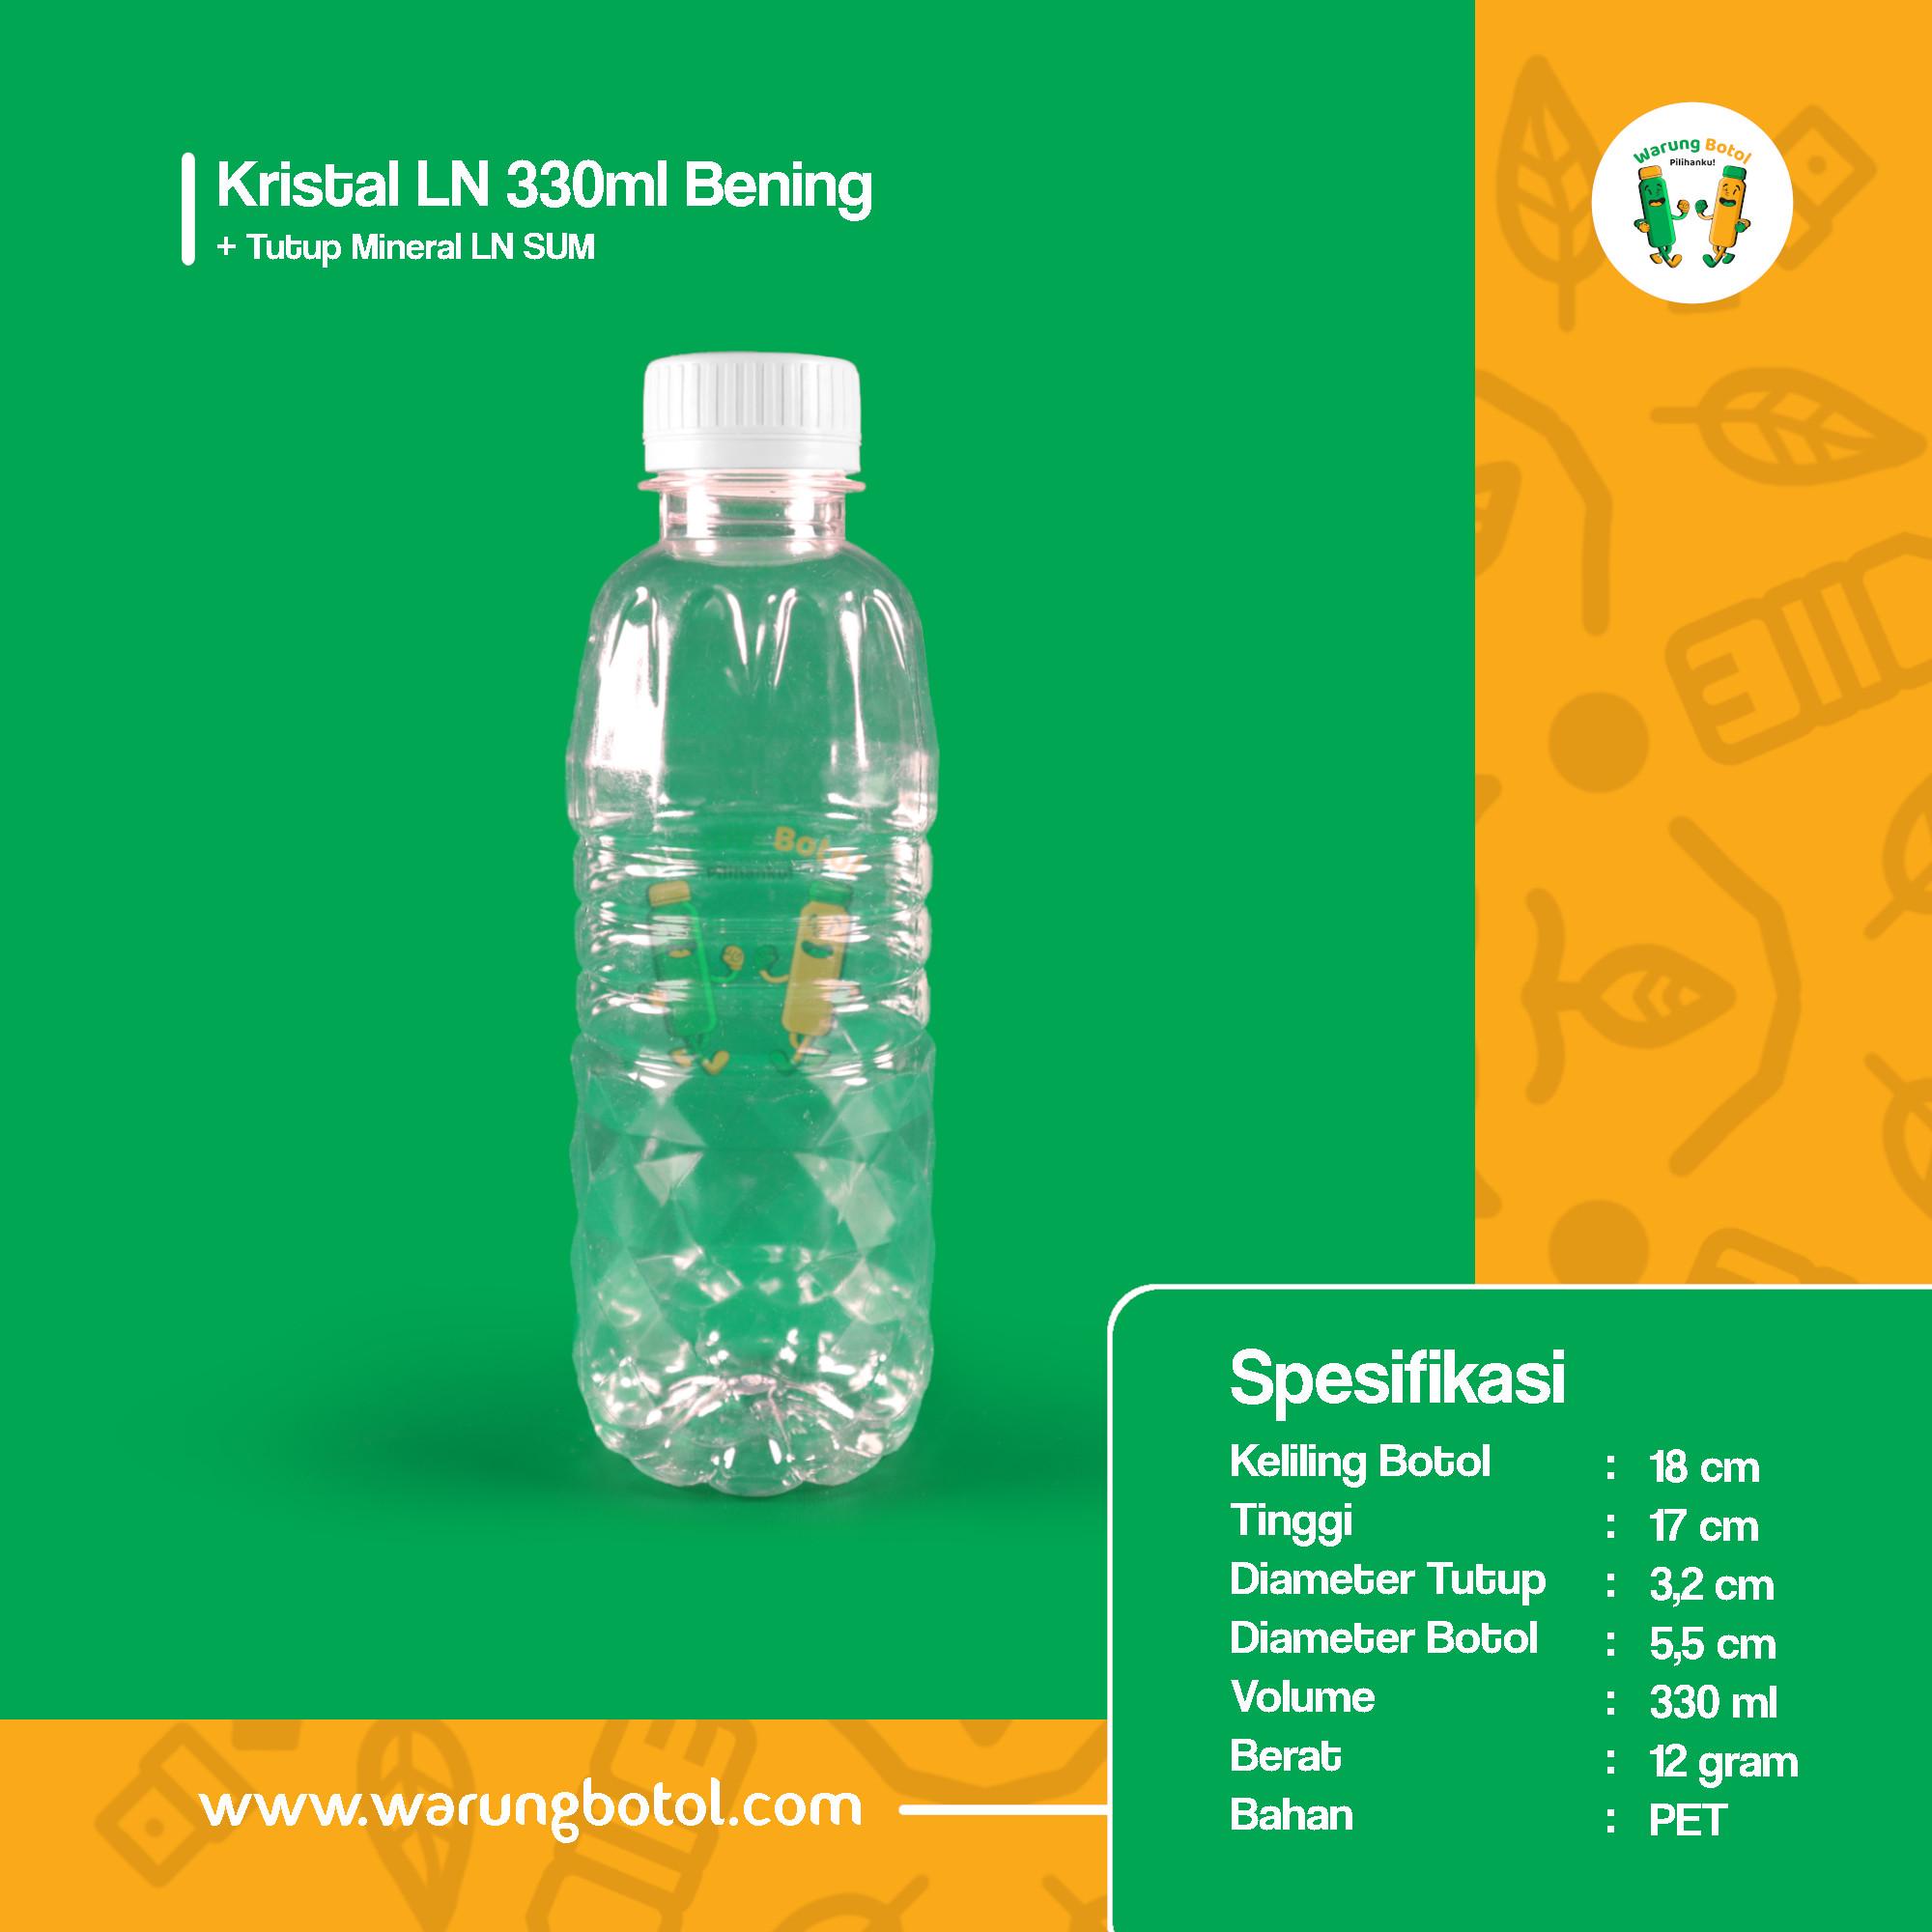 distributor jual botol plastik minuman kola, jus unik 330ml bening murah terdekat bandung jakarta bogor bekasi